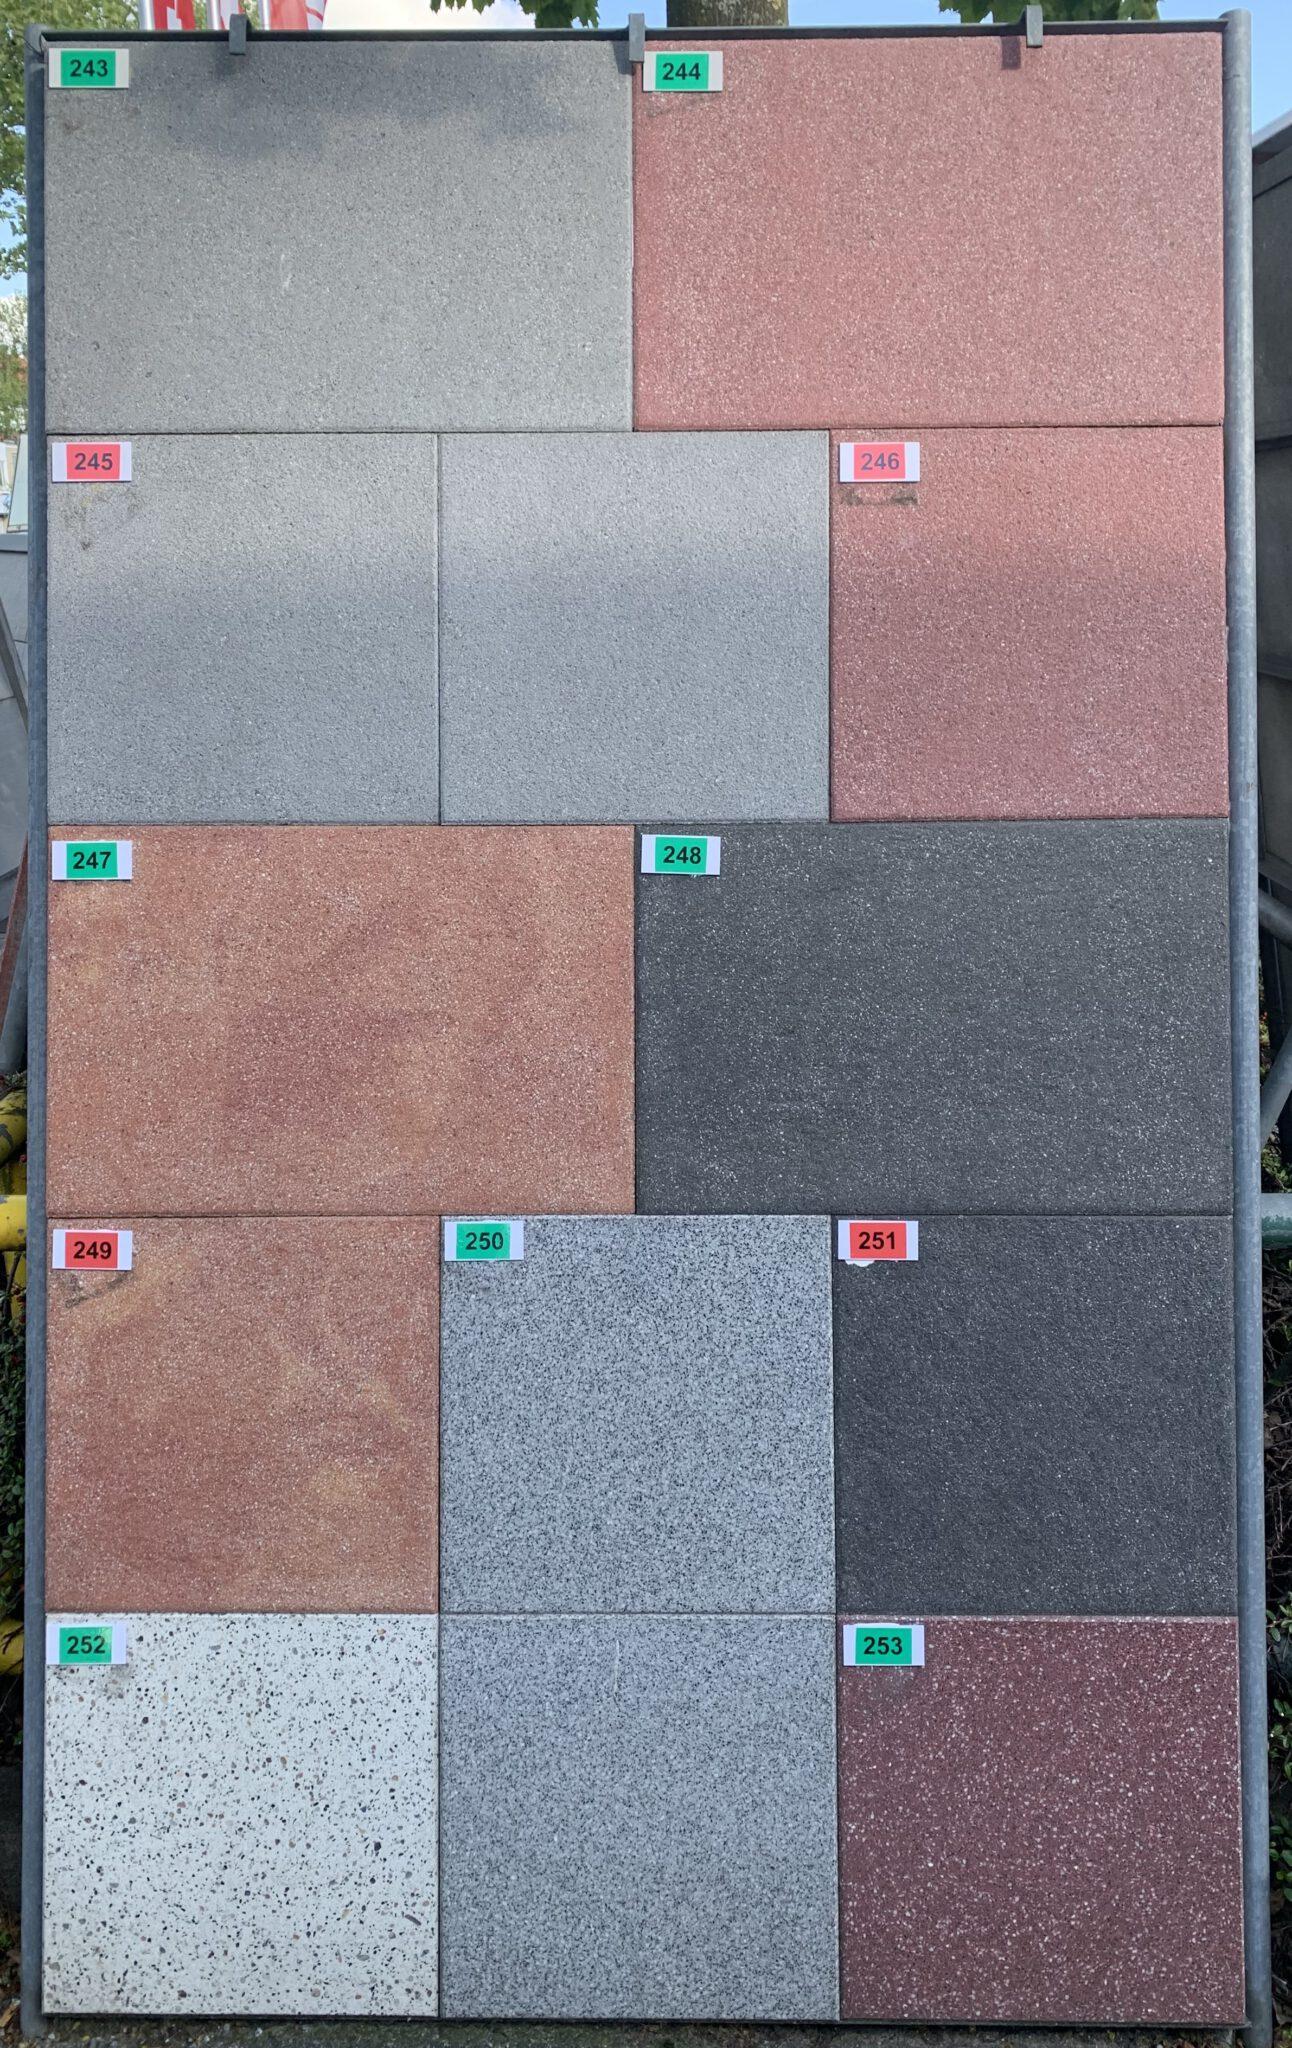 246 Granitplatten Novagranit rot OS3 von Bartels bei Stolzenbach Baustoffe in Bremen kaufen